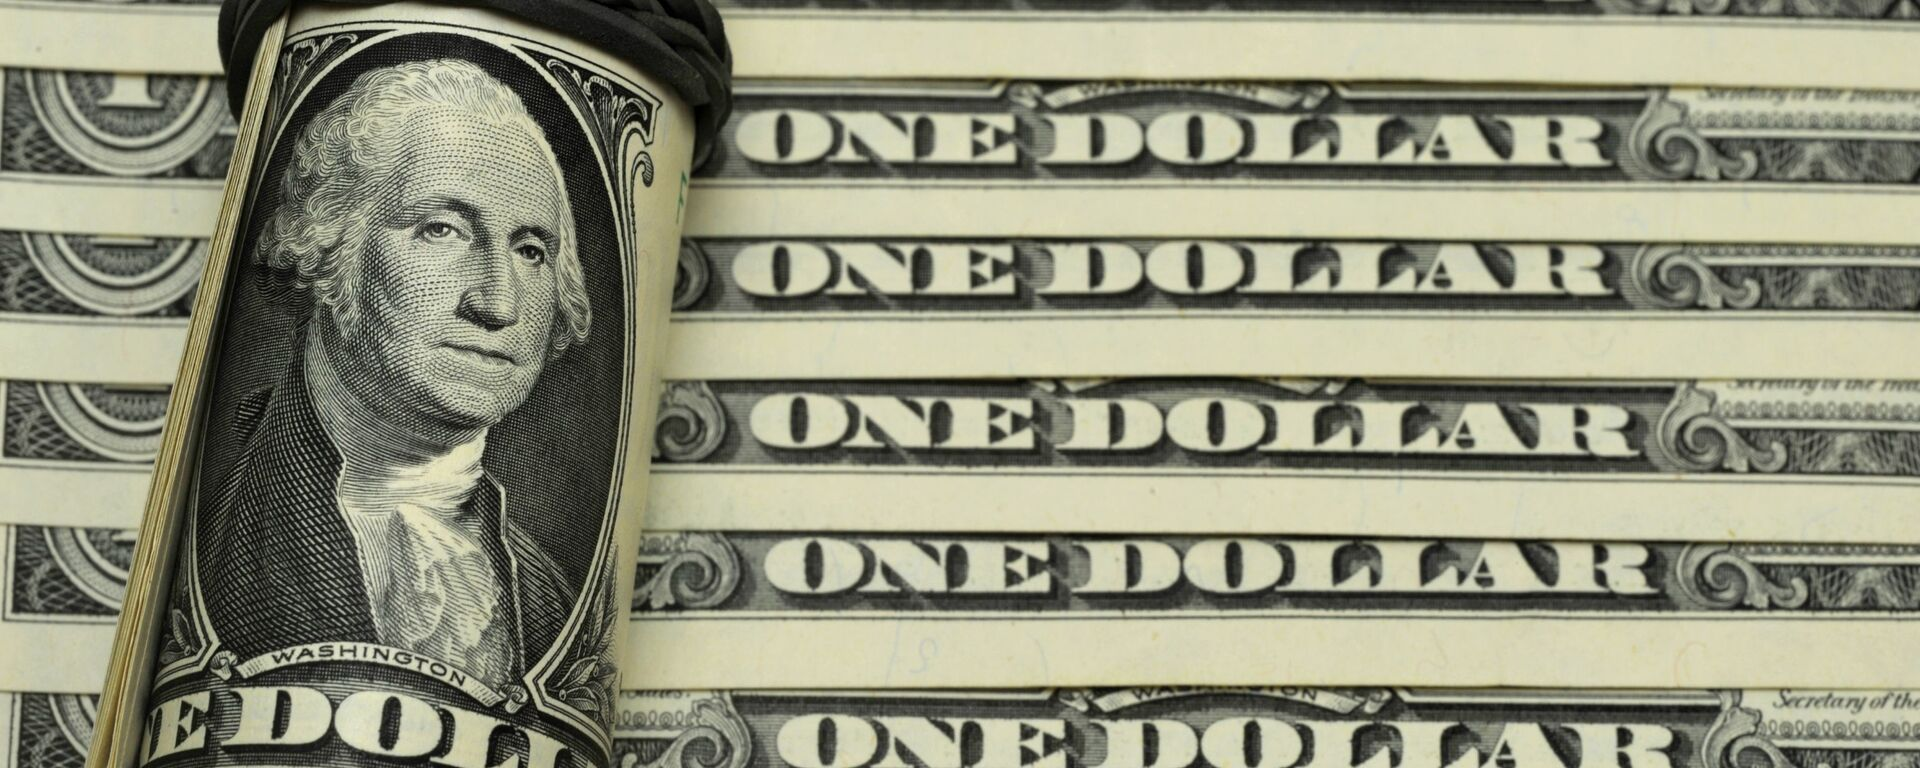 Банкноты номиналом 1 доллар США. - Sputnik Аҧсны, 1920, 31.05.2021